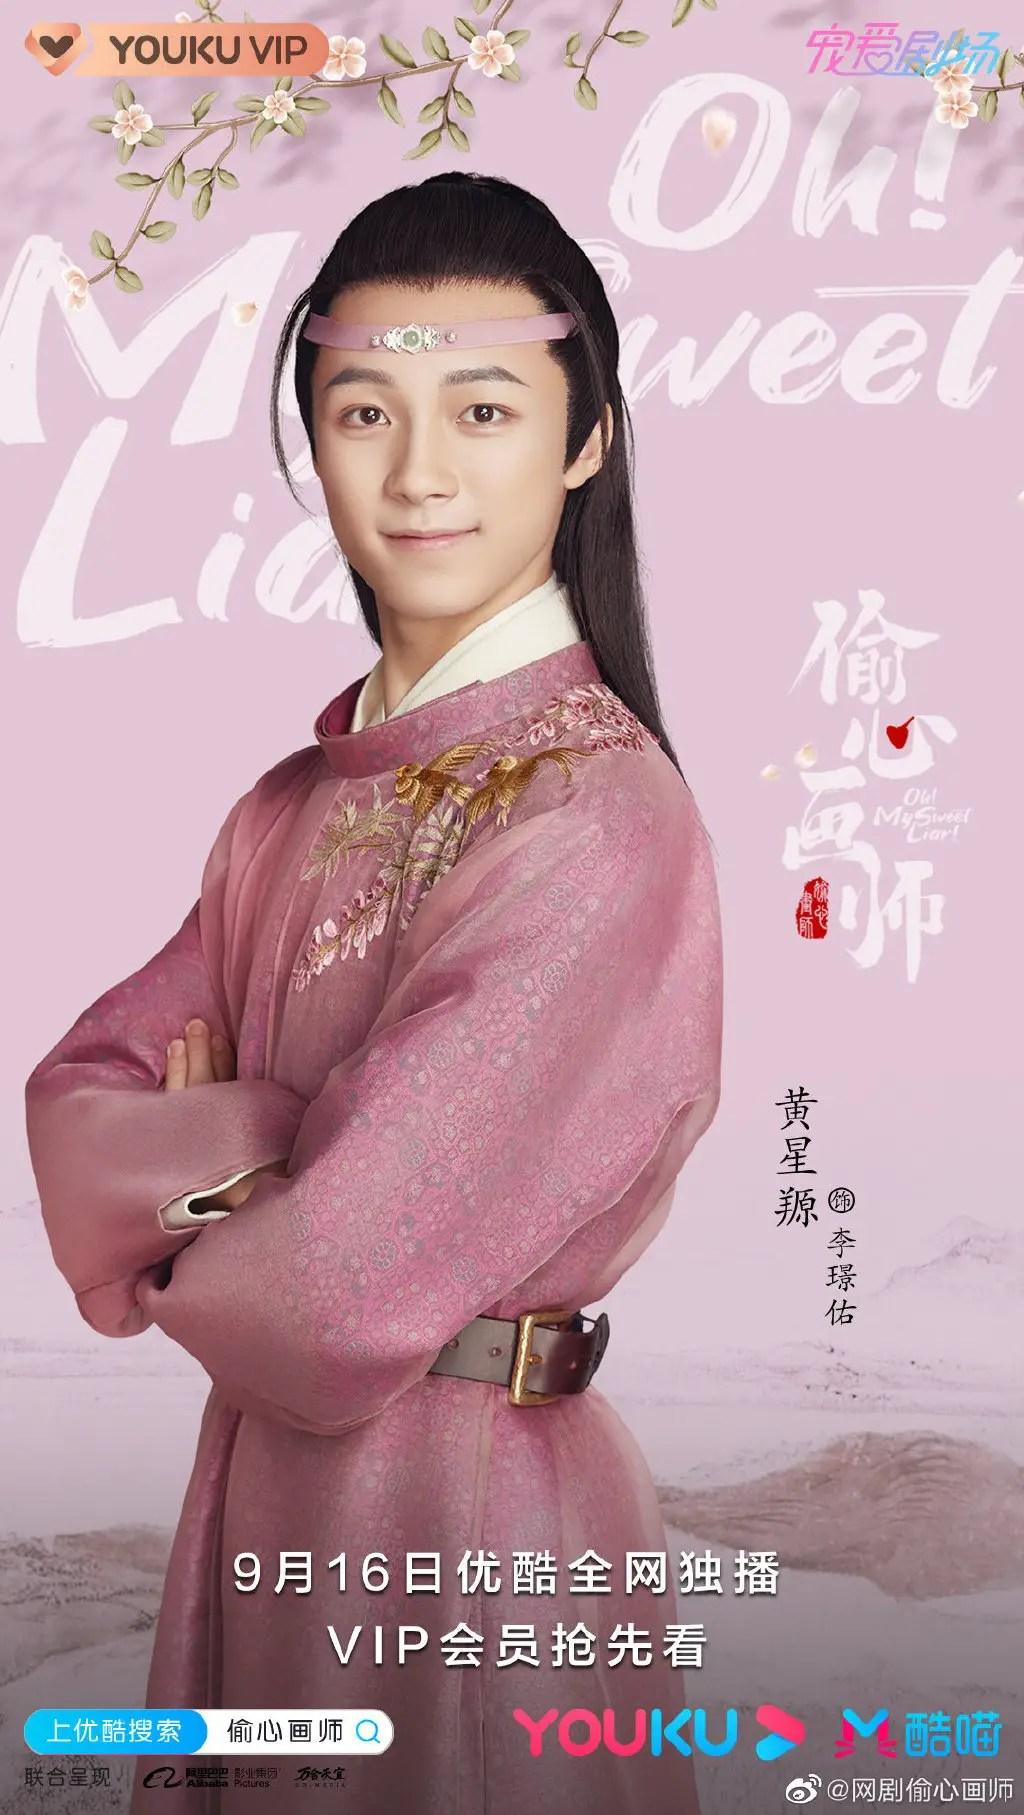 Huang Xing Yuan